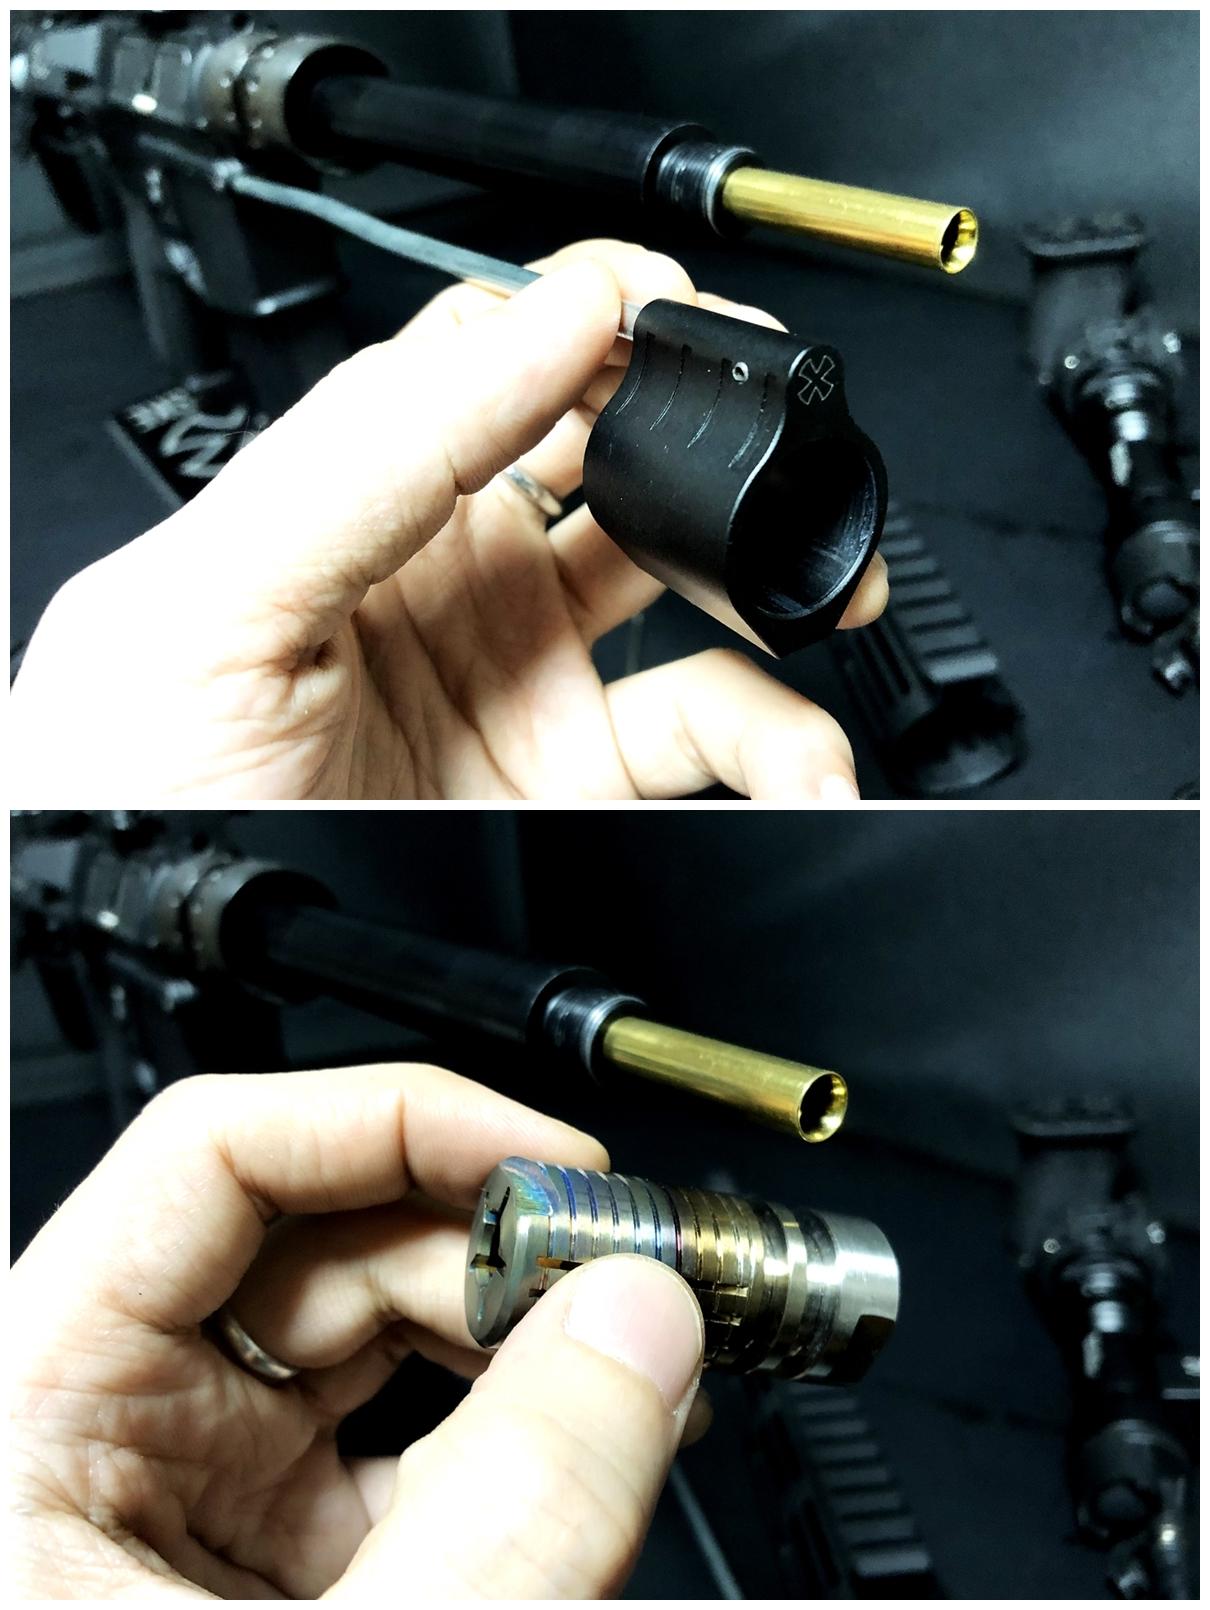 18 『微々たる変化』と『微々たる進化』 IRON vs 5KU M-LOK NSR NOVESKE TYPE N4 M4 AR15 ハンドガード 購入 分解 交換 検証 取付 レビュー